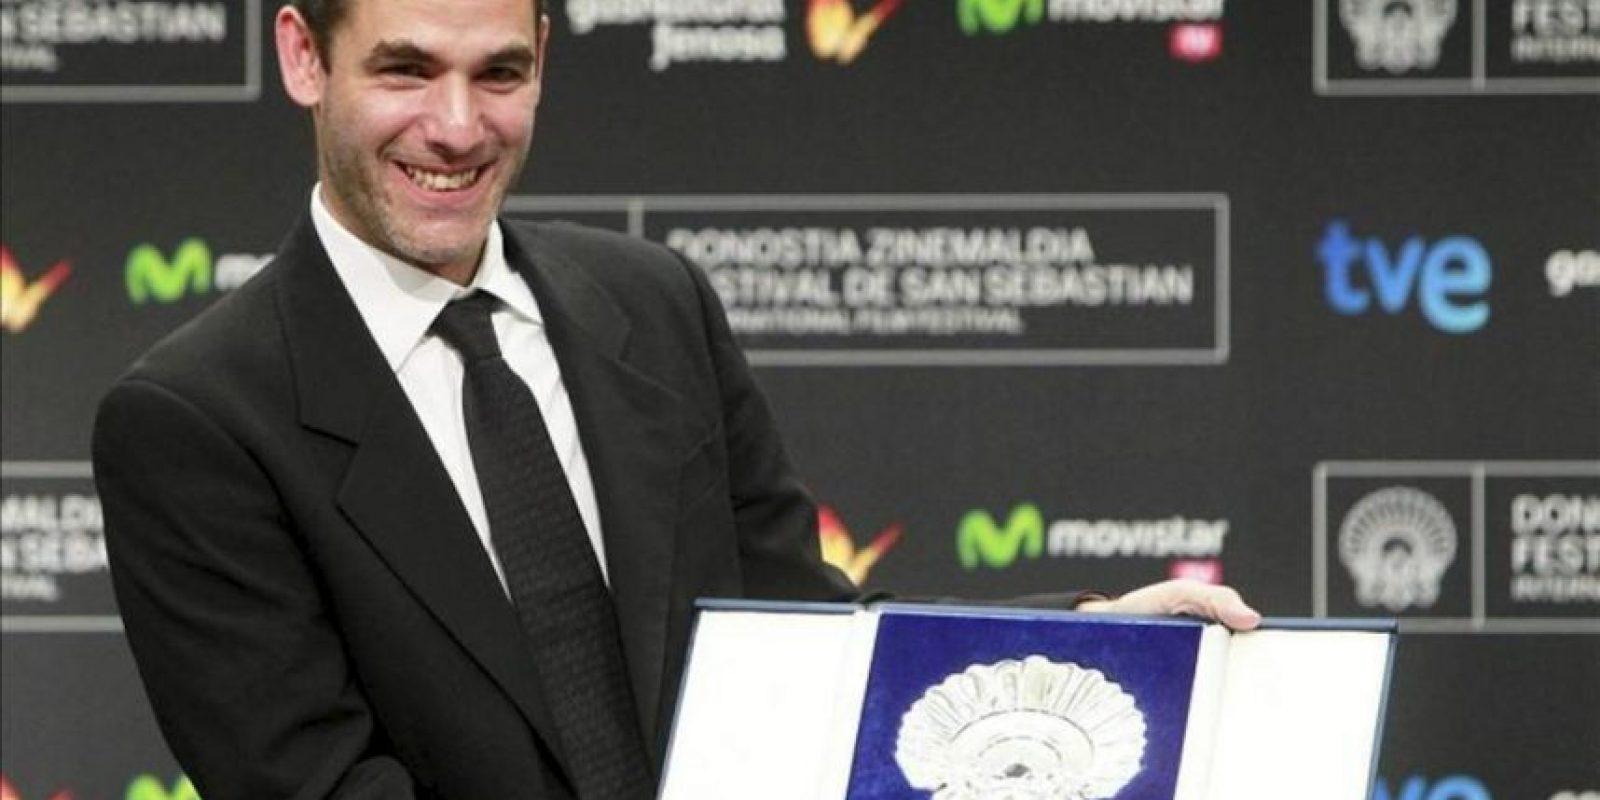 El director Fernando Eimbcke muestra la Concha de Plata al mejor director, tras la gala de clausura de la 61 edición del Festival Internacional de Cine de San Sebastián. EFE